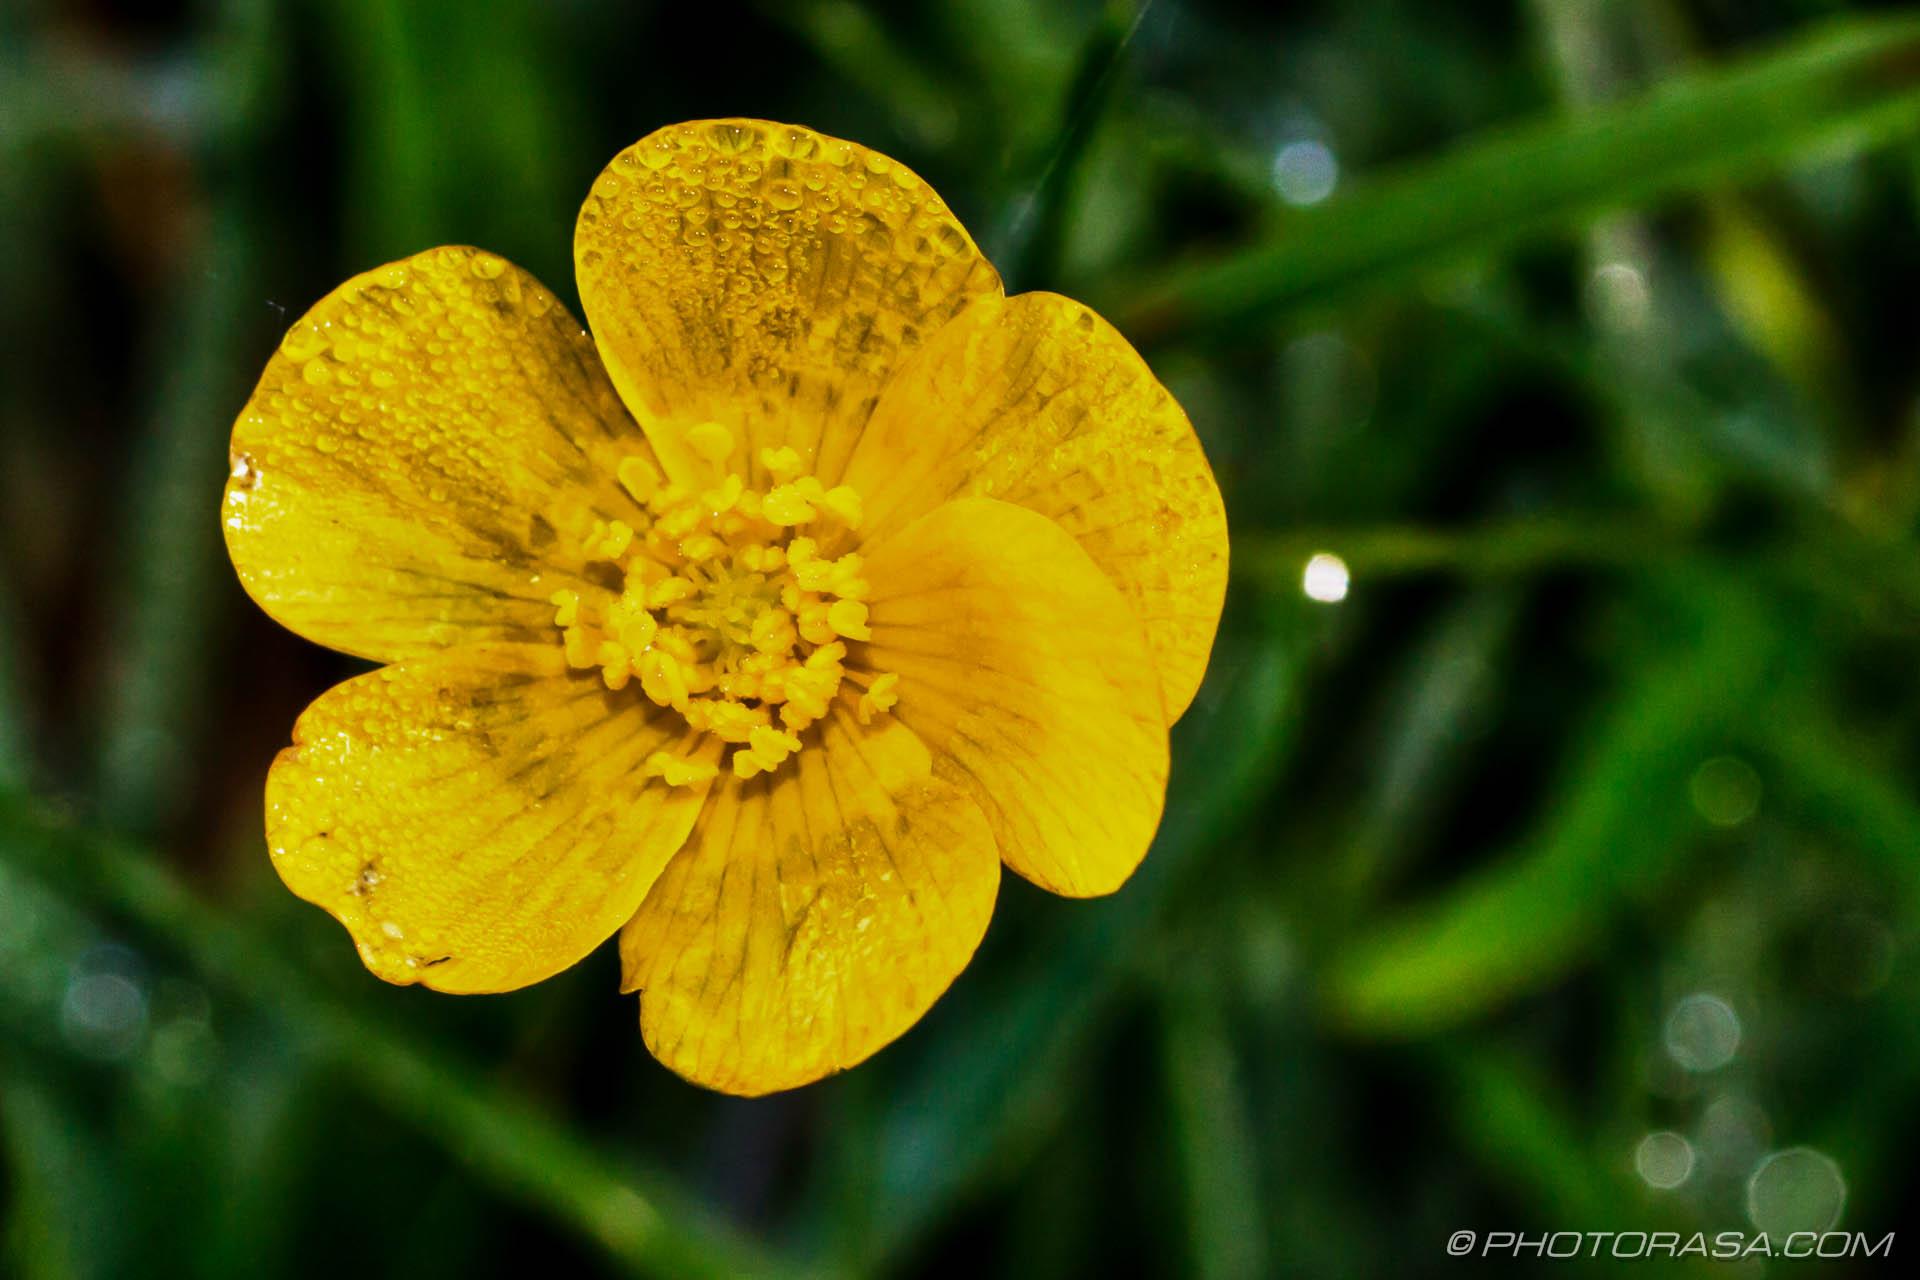 http://photorasa.com/dewdrop-buttercup/